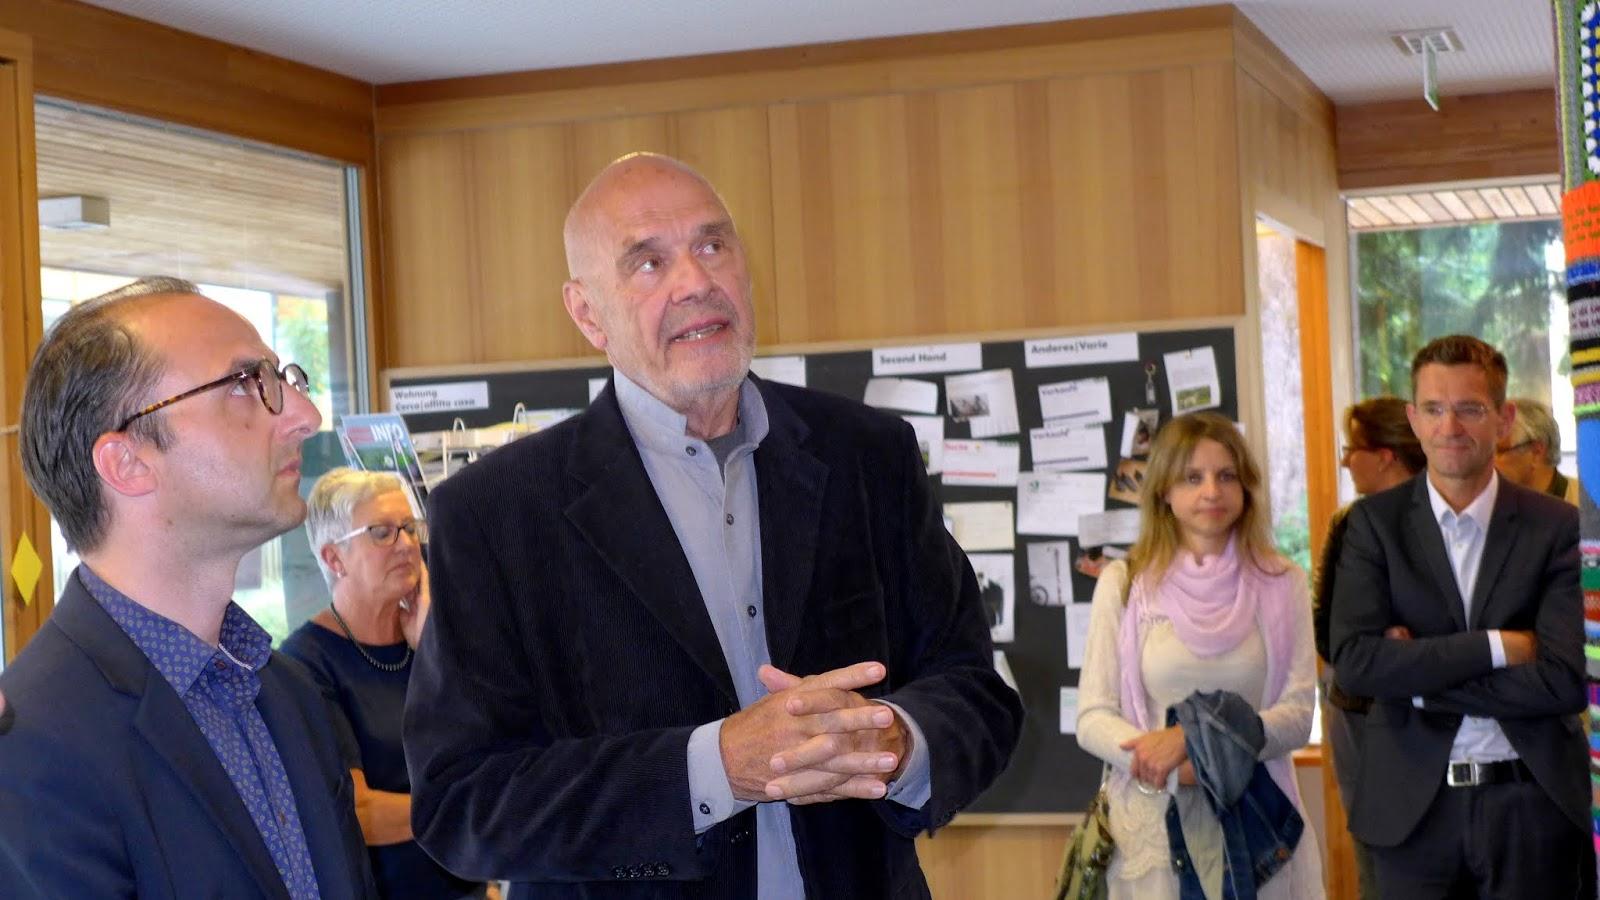 Bibliothek Hans Glauber - Toblach: Vernissage Jörg Madlener (NY)